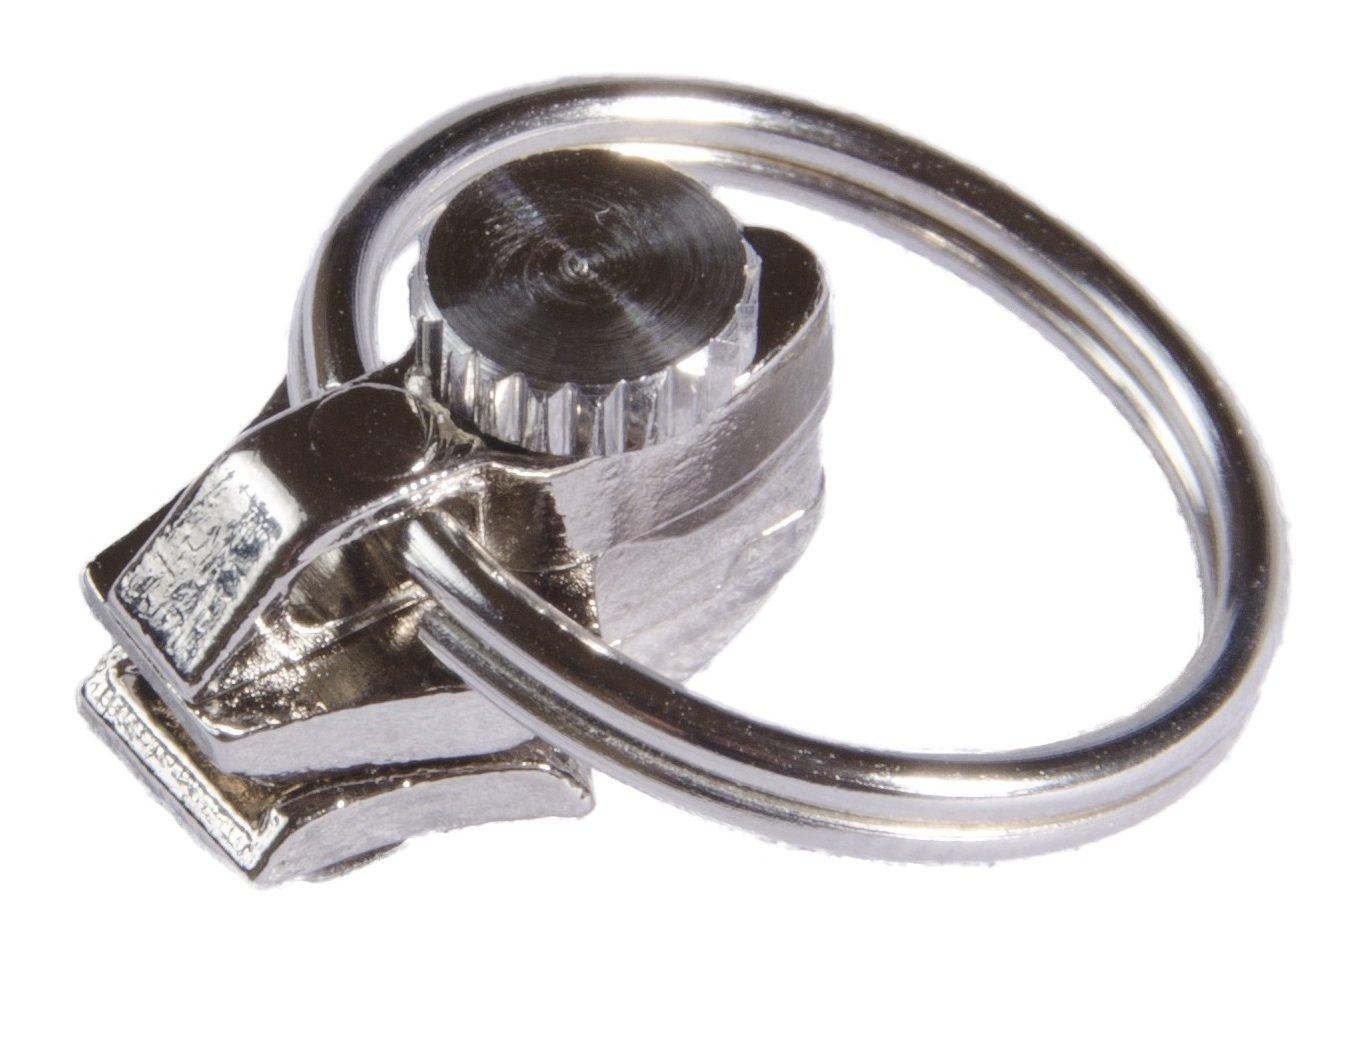 FixnZip Cursore di Ricambio per Cerniere Lampo Piccolo in Nickel